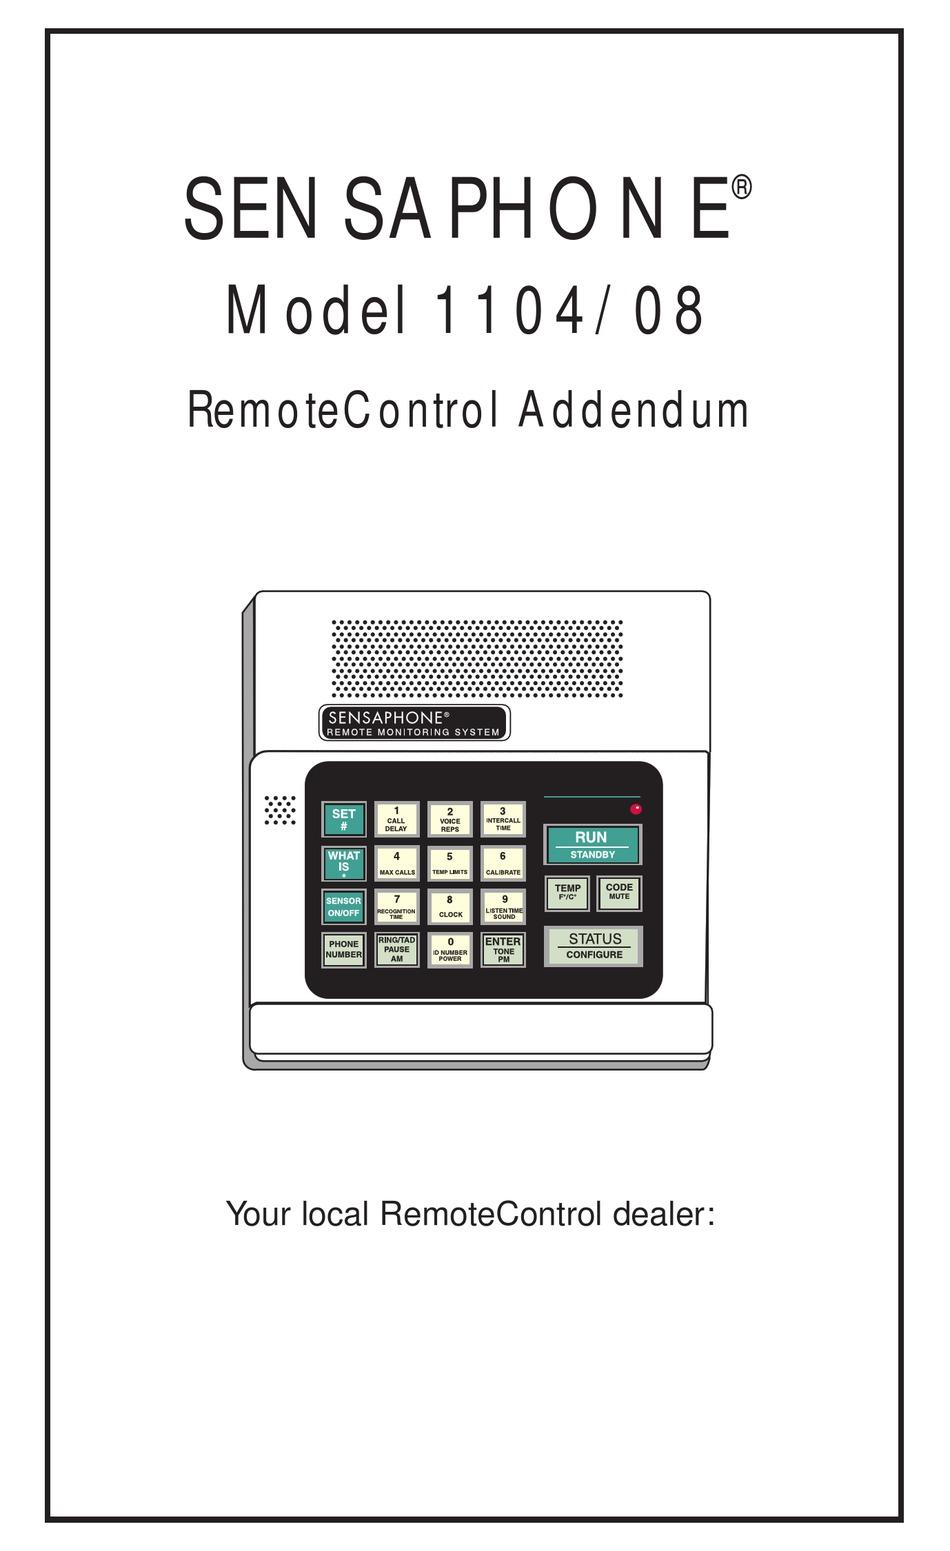 SENSAPHONE 1104 OWNER'S MANUAL ADDENDUM Pdf Download